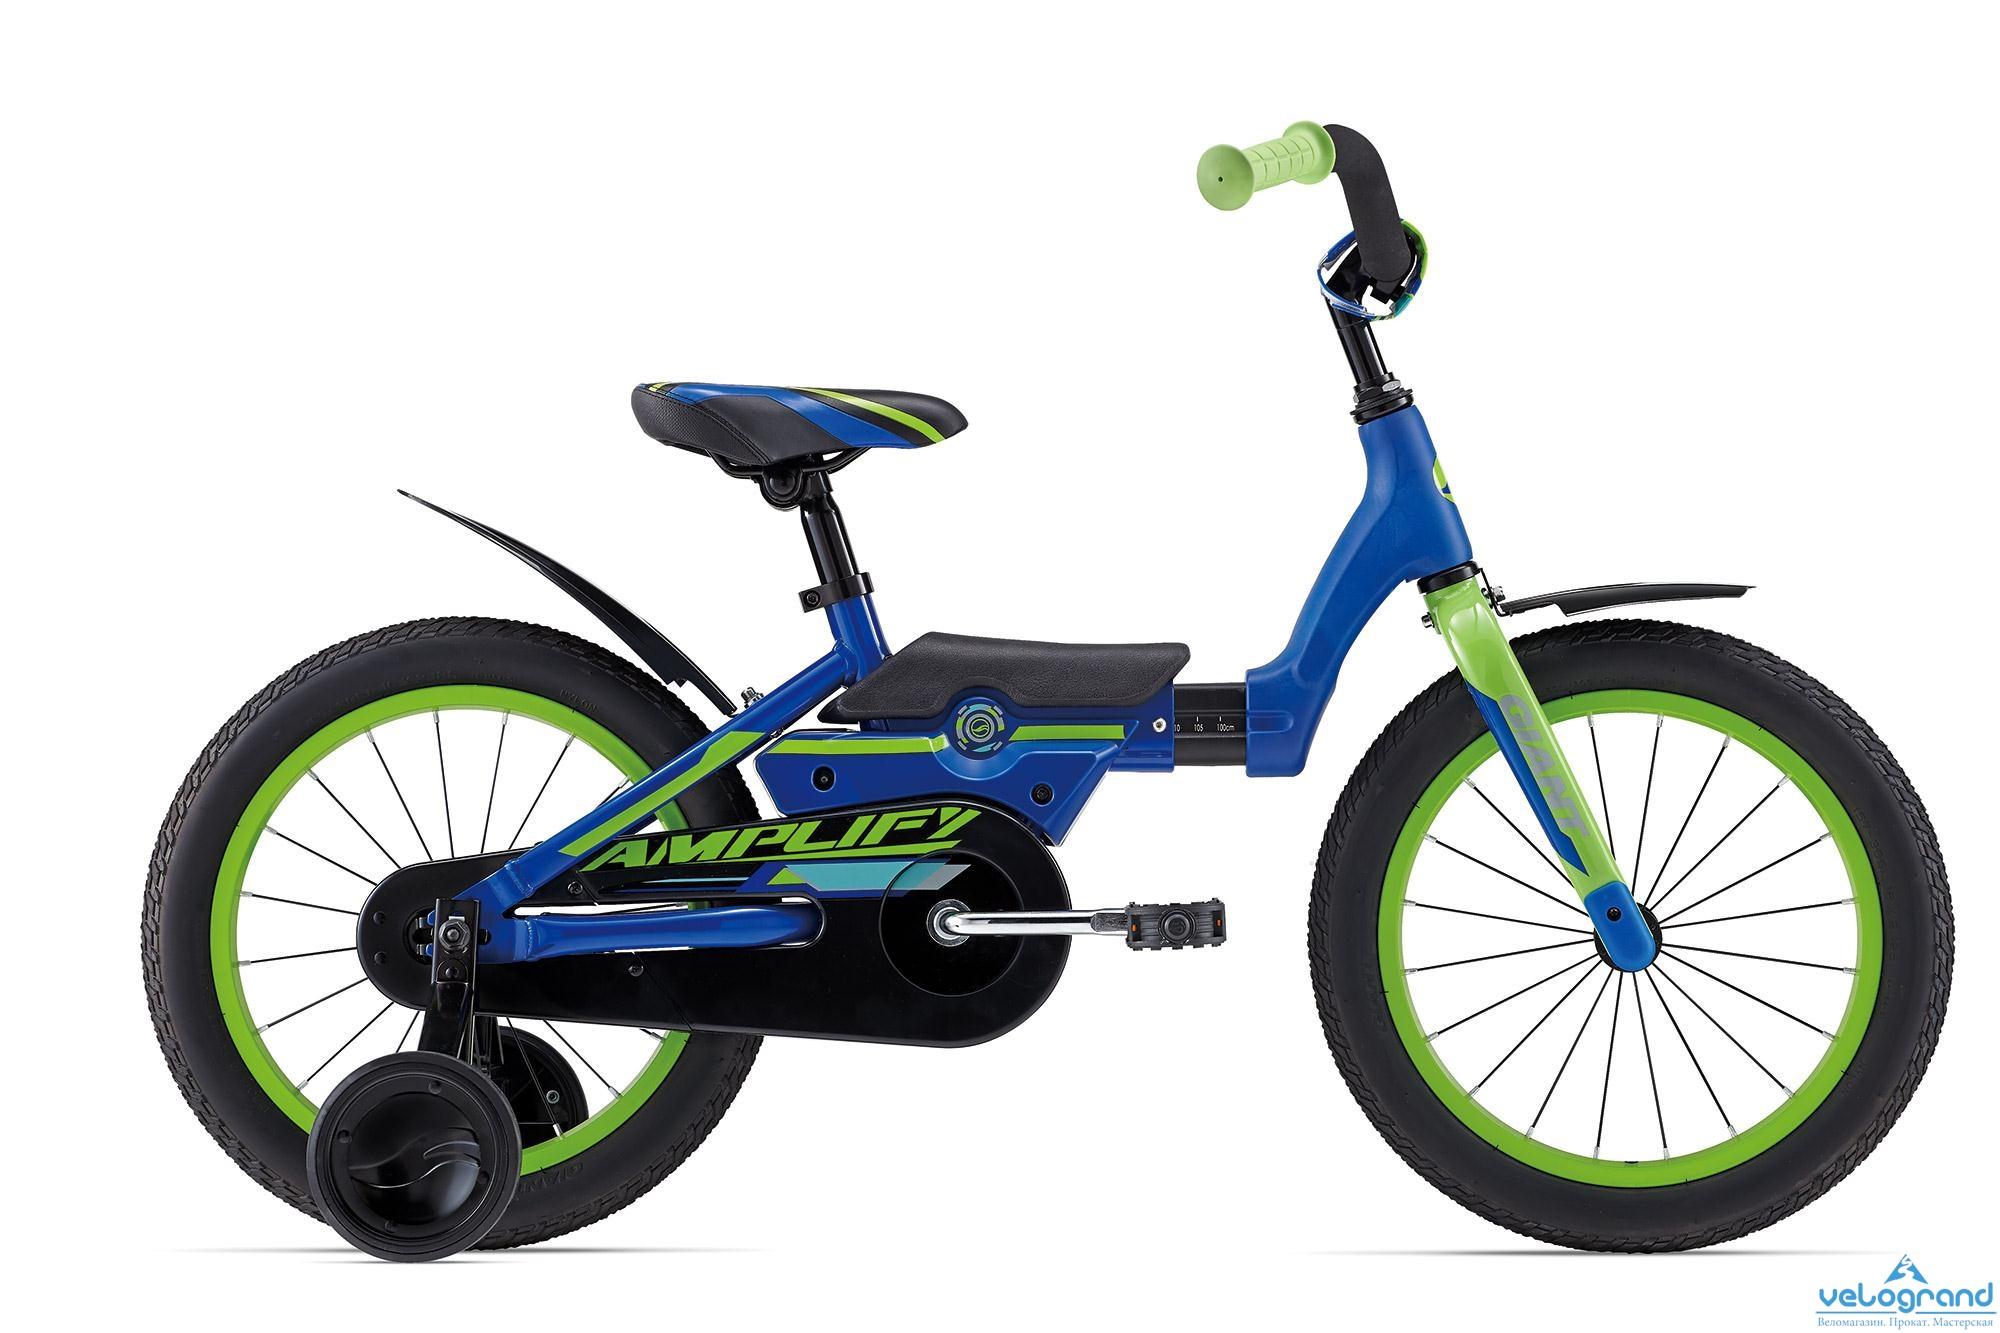 Детский велосипед Giant Amplify C/B (2016), Цвет Синий